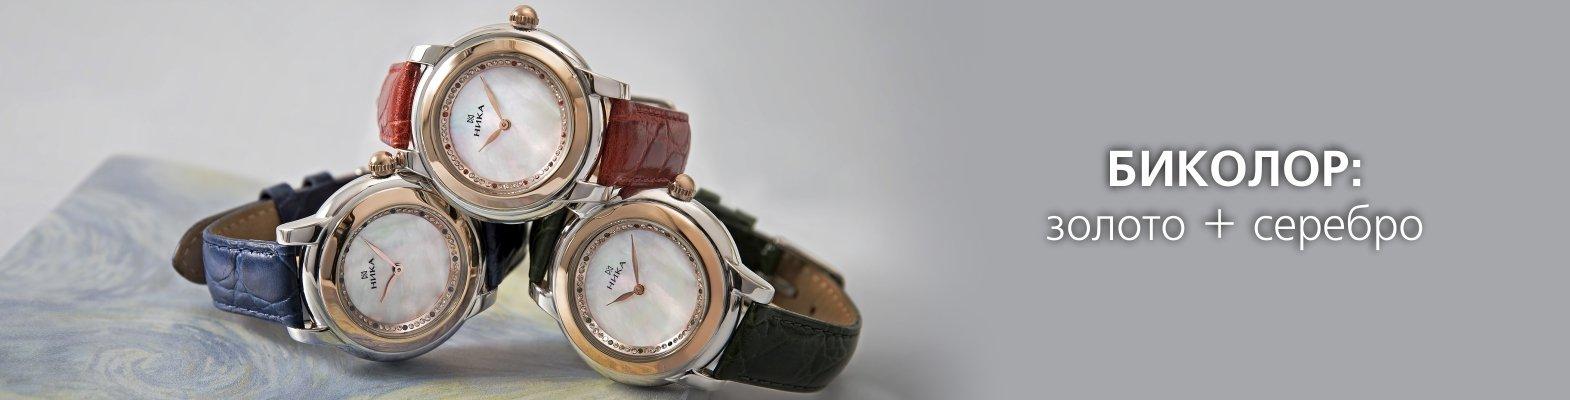 Ювелирные часы Ника – официальный сайт производителя наручных часов f034e224bd8